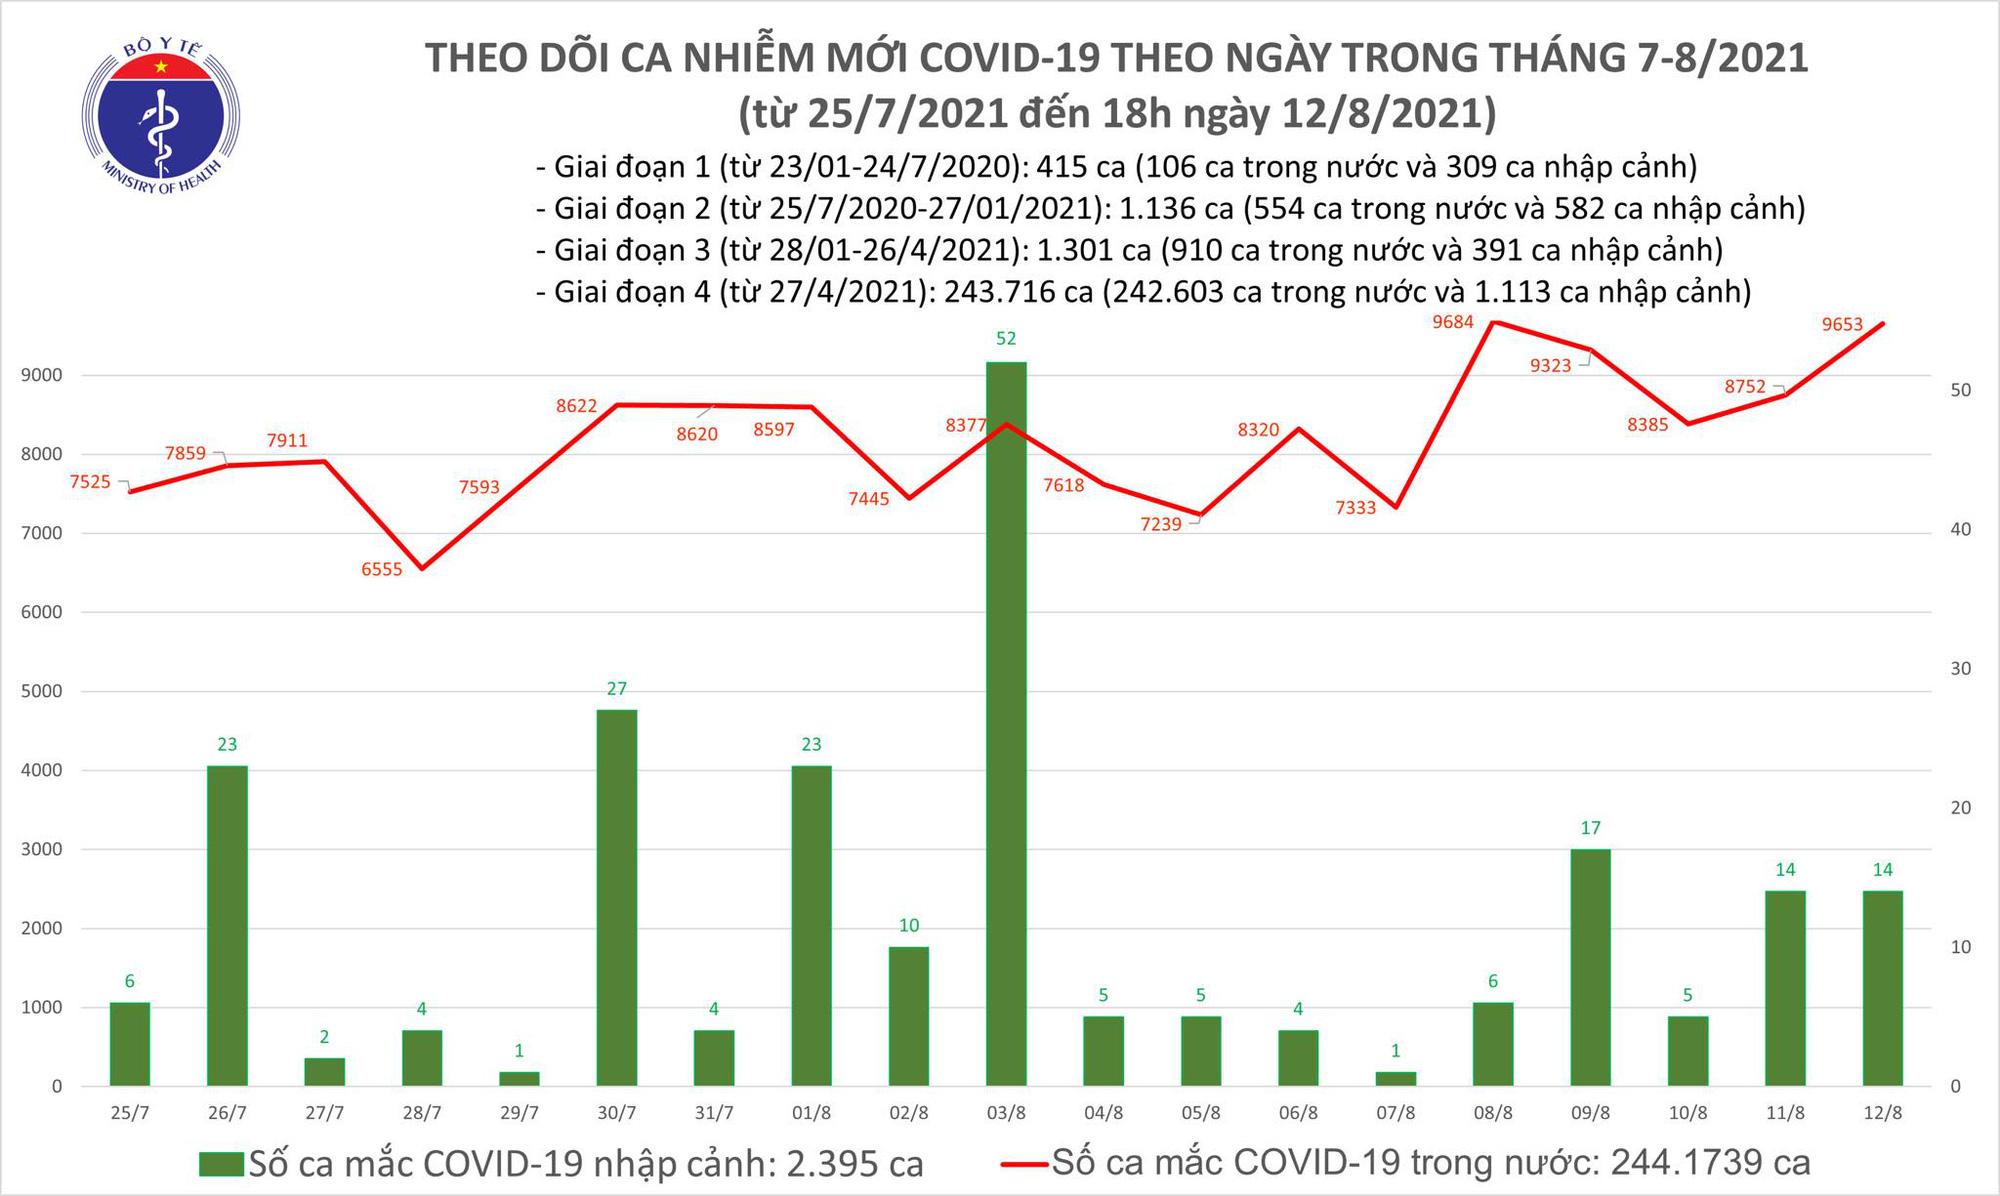 Tối 12/8: Thêm 5.025 ca COVID-19, Bình Dương dẫn đầu với 2.117 ca - Ảnh 1.